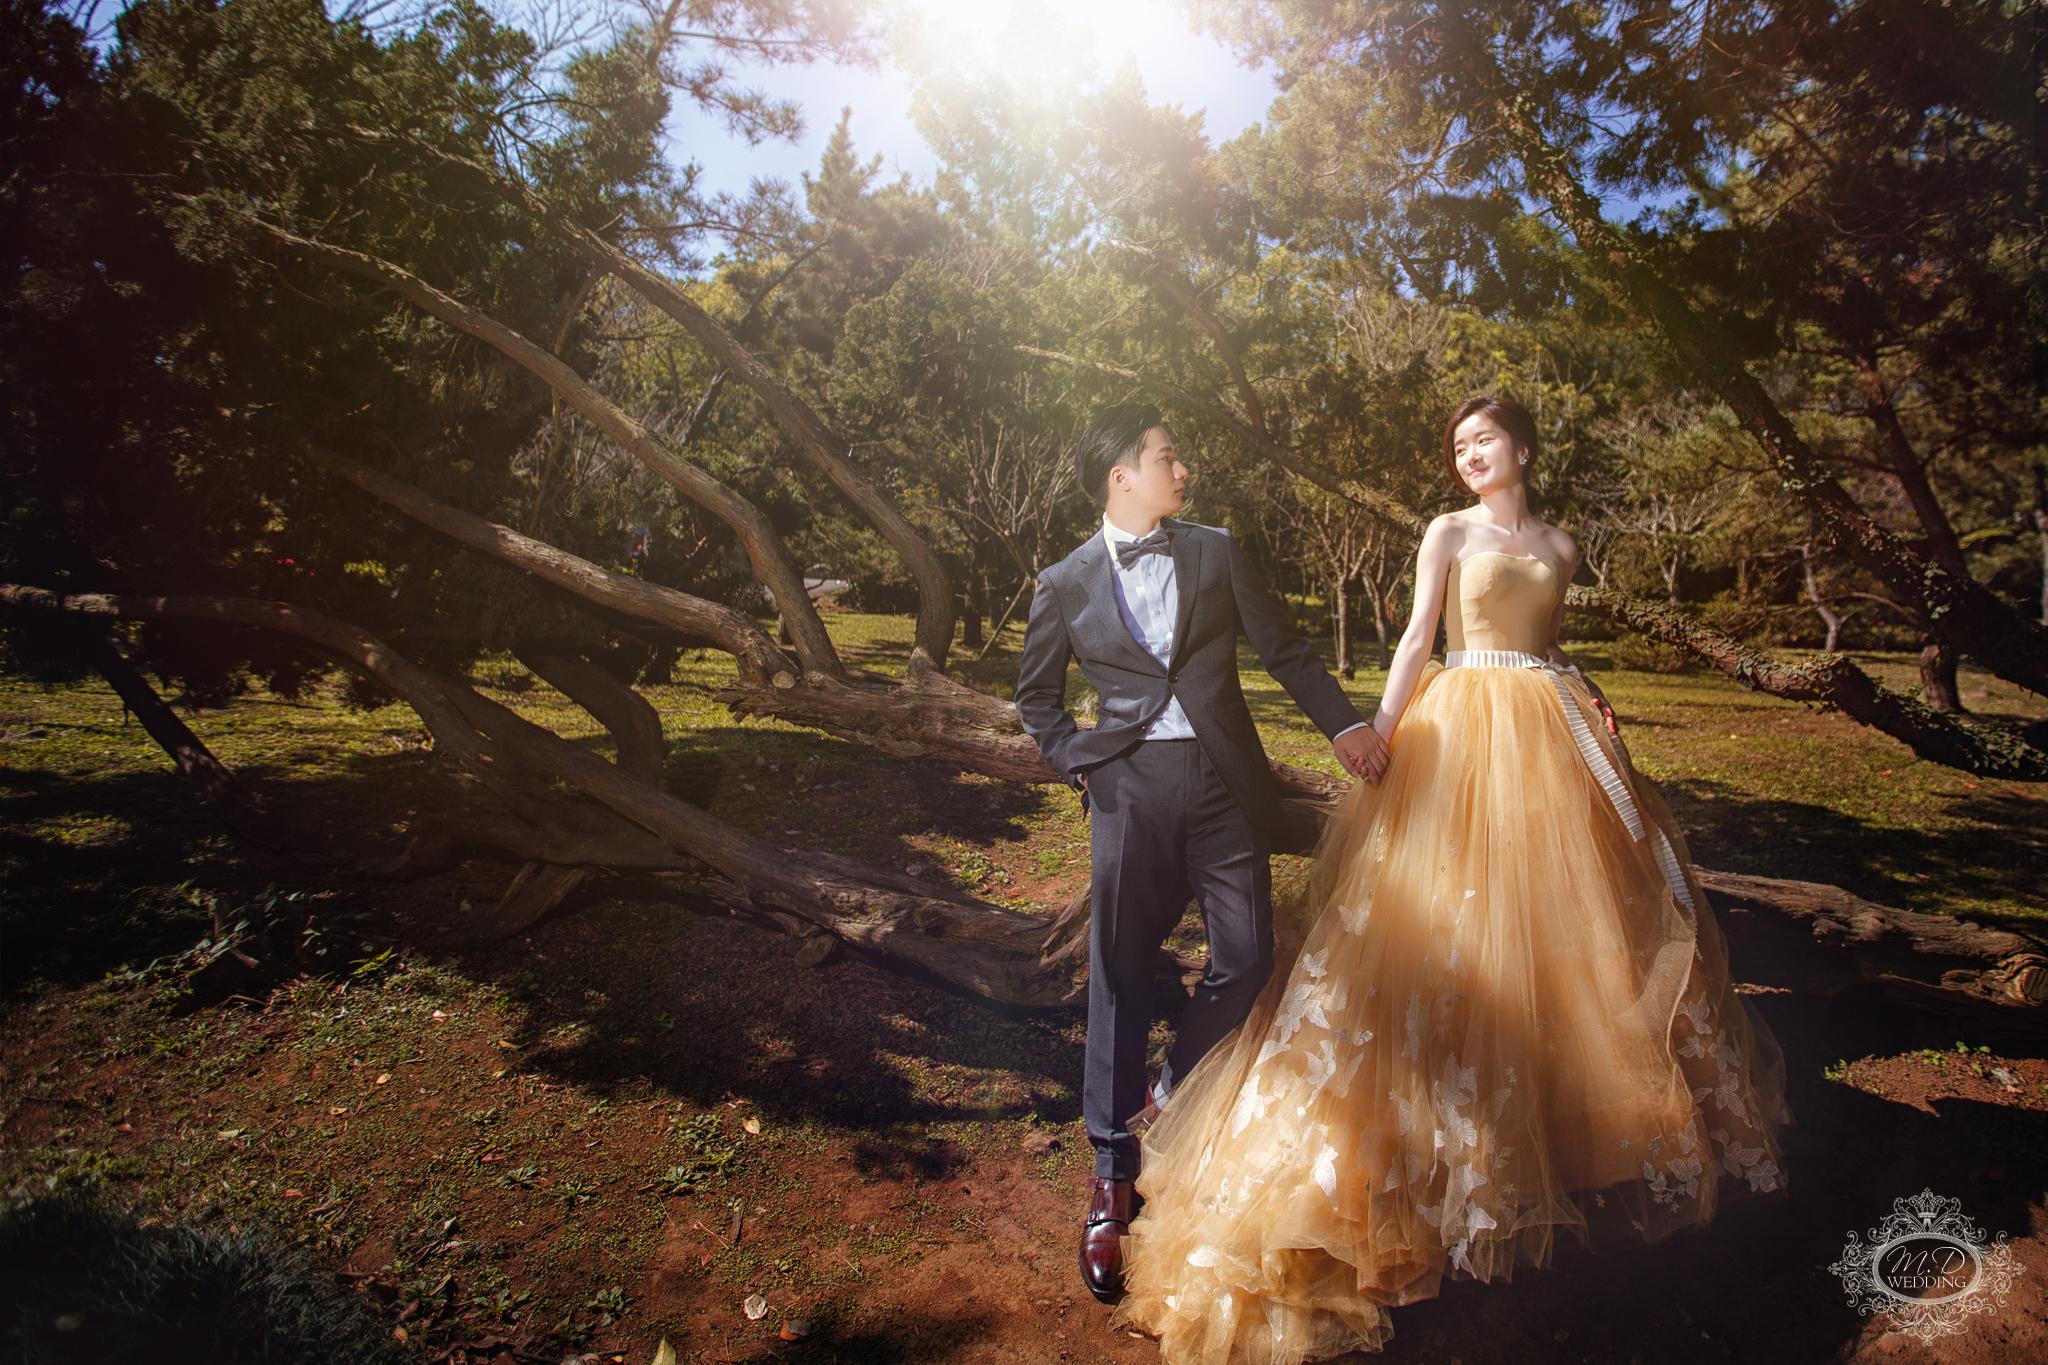 國內婚紗 浪漫風格 海邊夕陽婚紗 陽明山 逆光婚紗 台北婚紗推薦